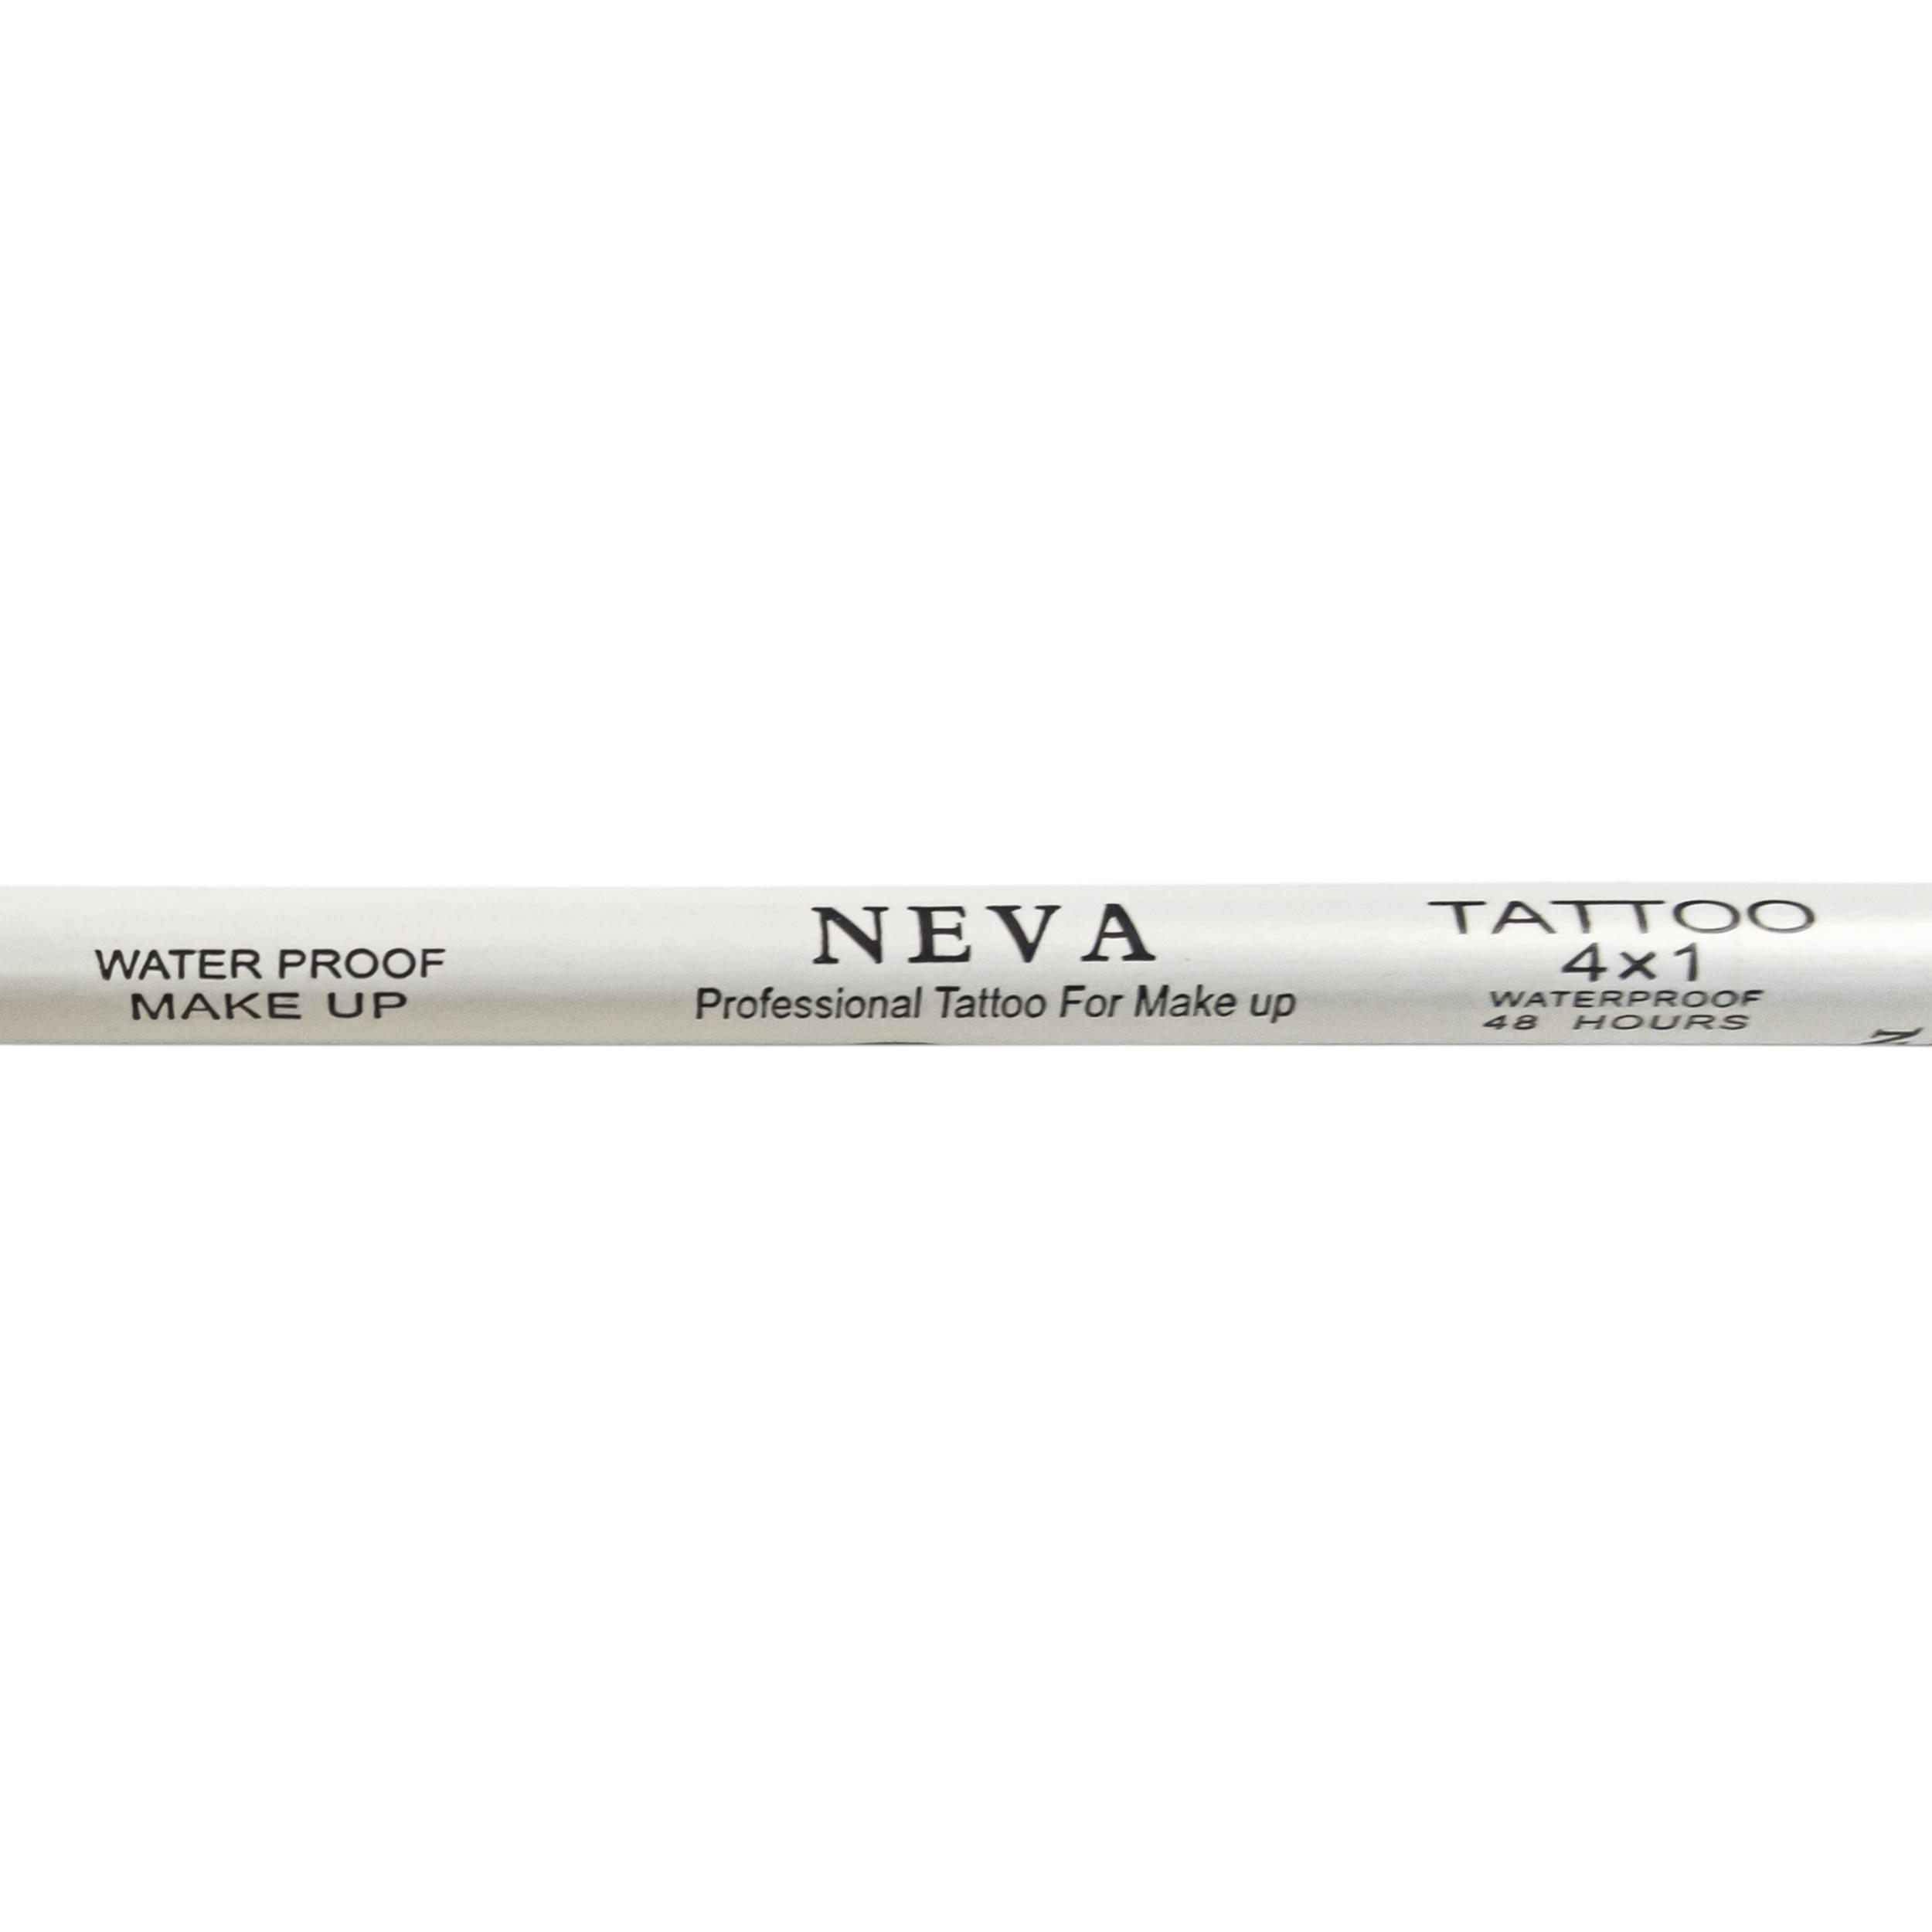 مداد ابرو نوا شماره 005 main 1 2